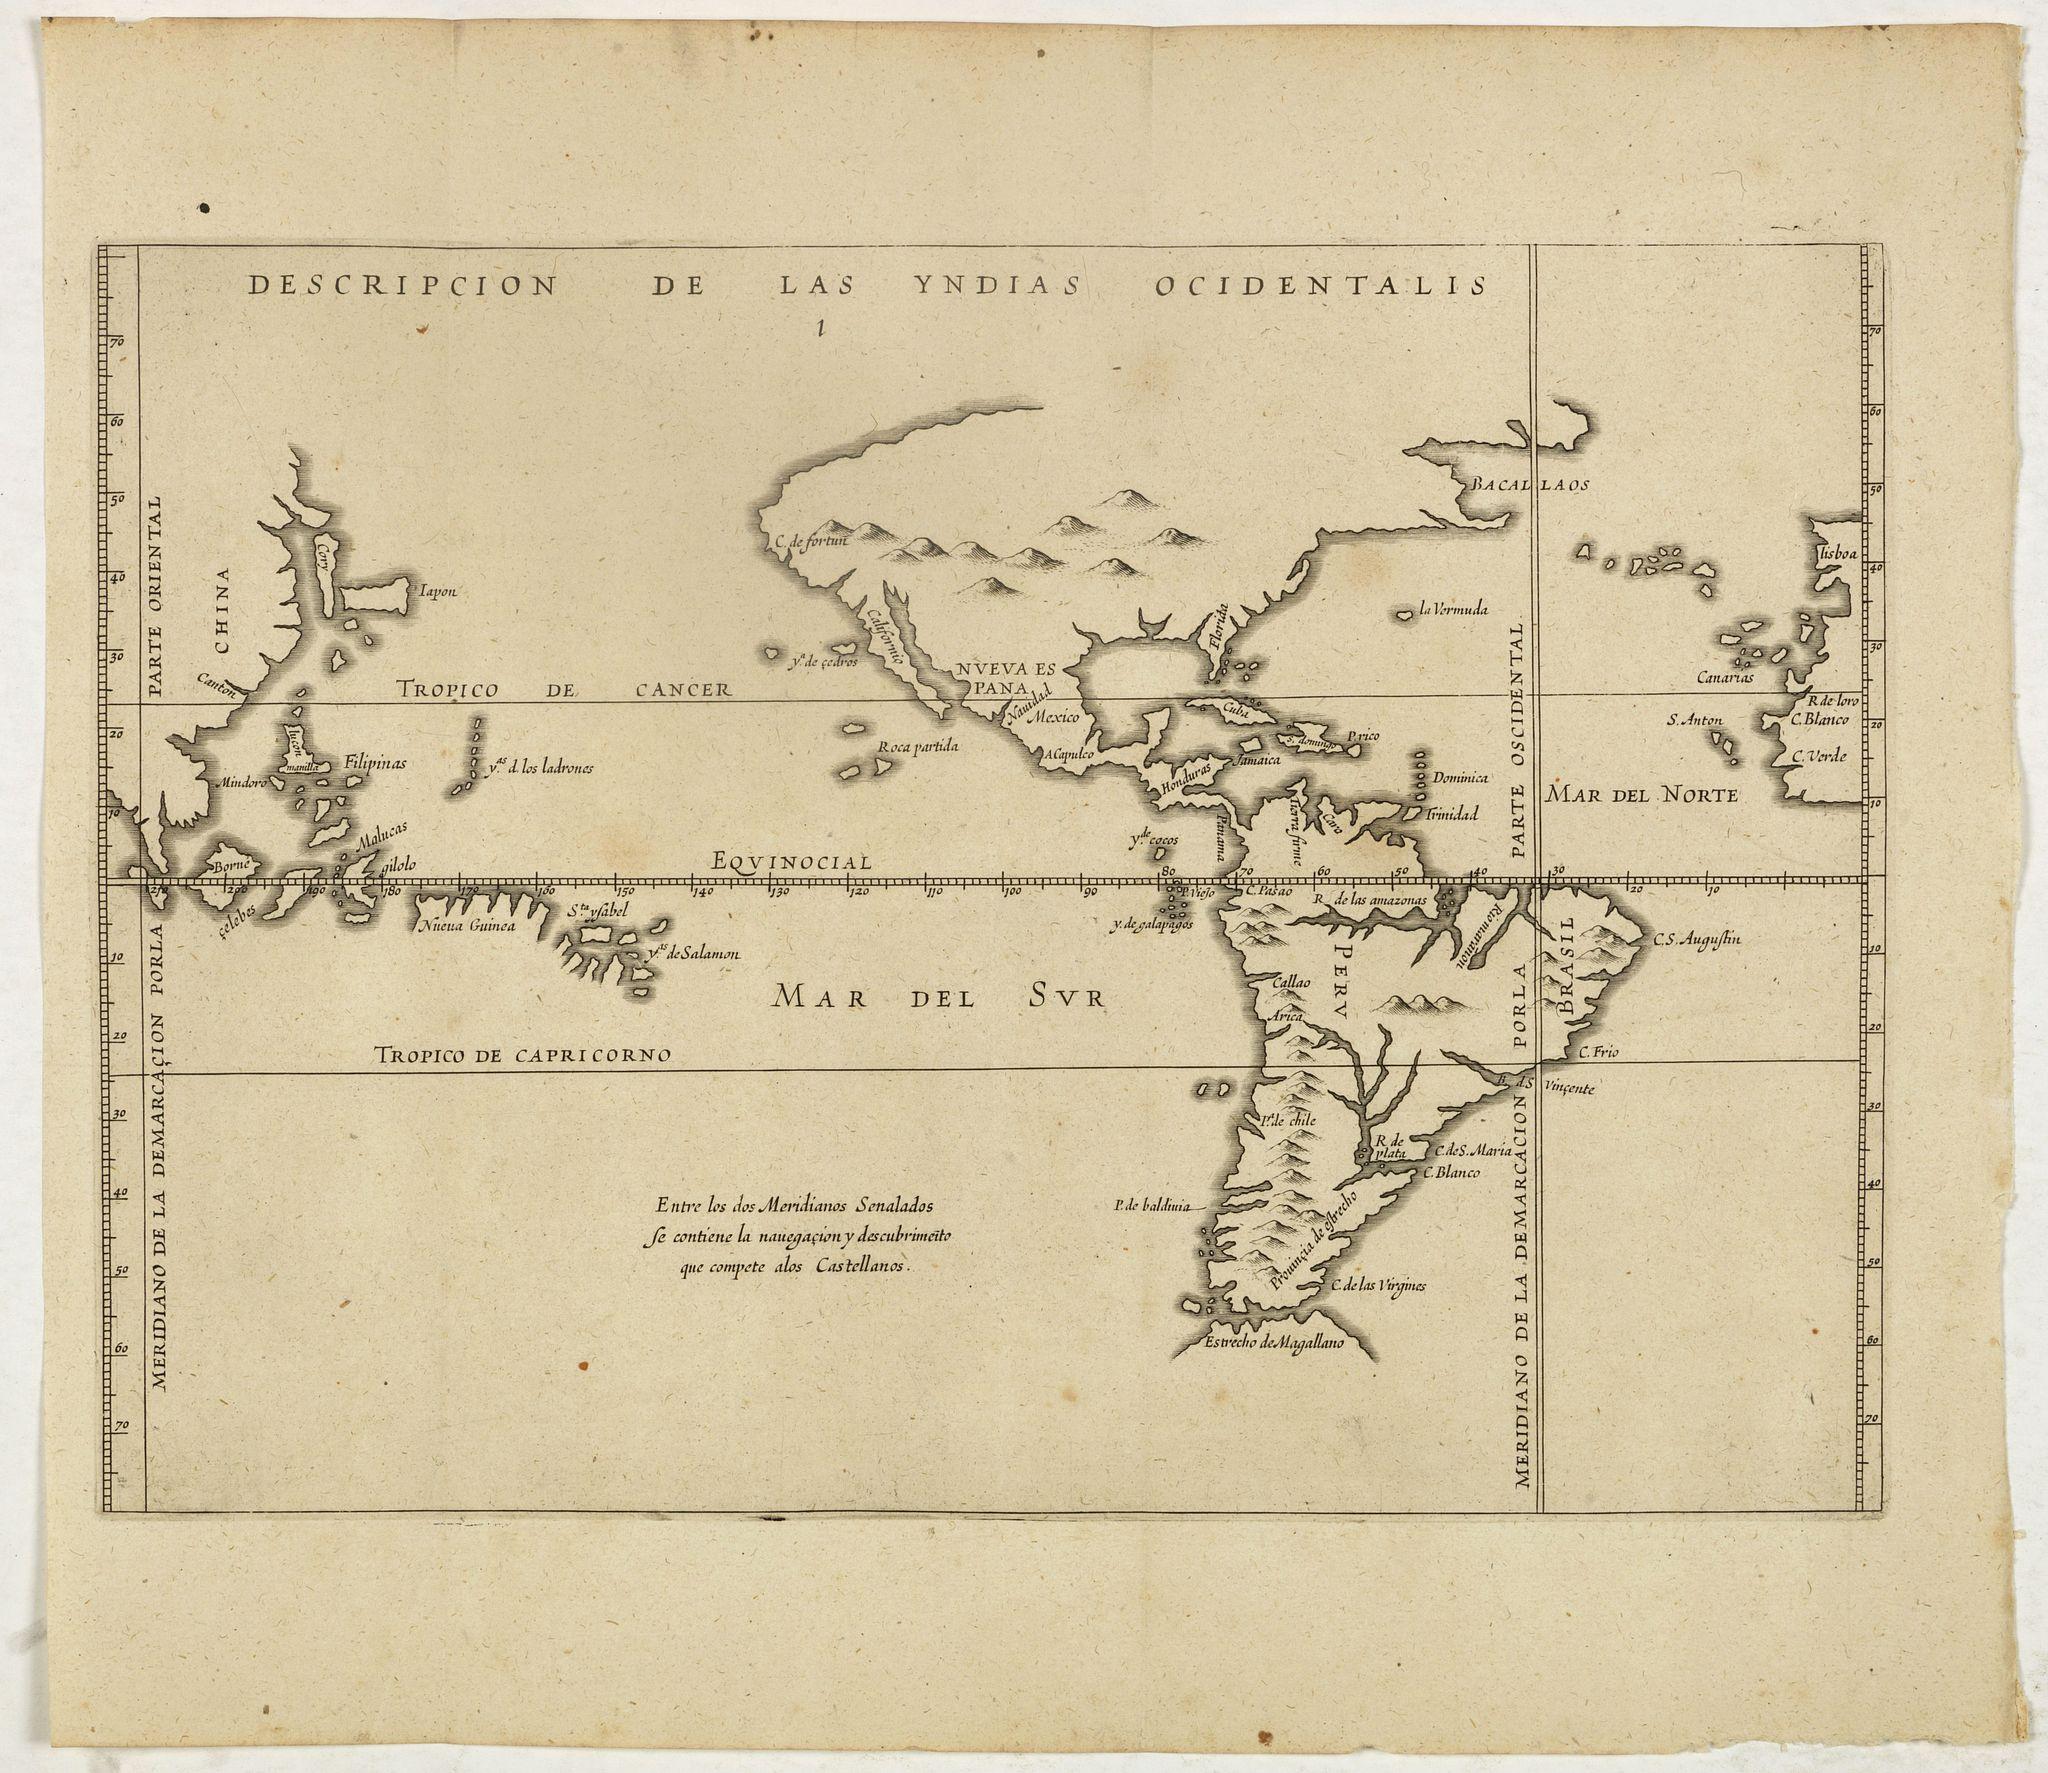 HERRERA y TORDESILLAS, A. de. -  Descripcion de las Yndias Ocidentalis.